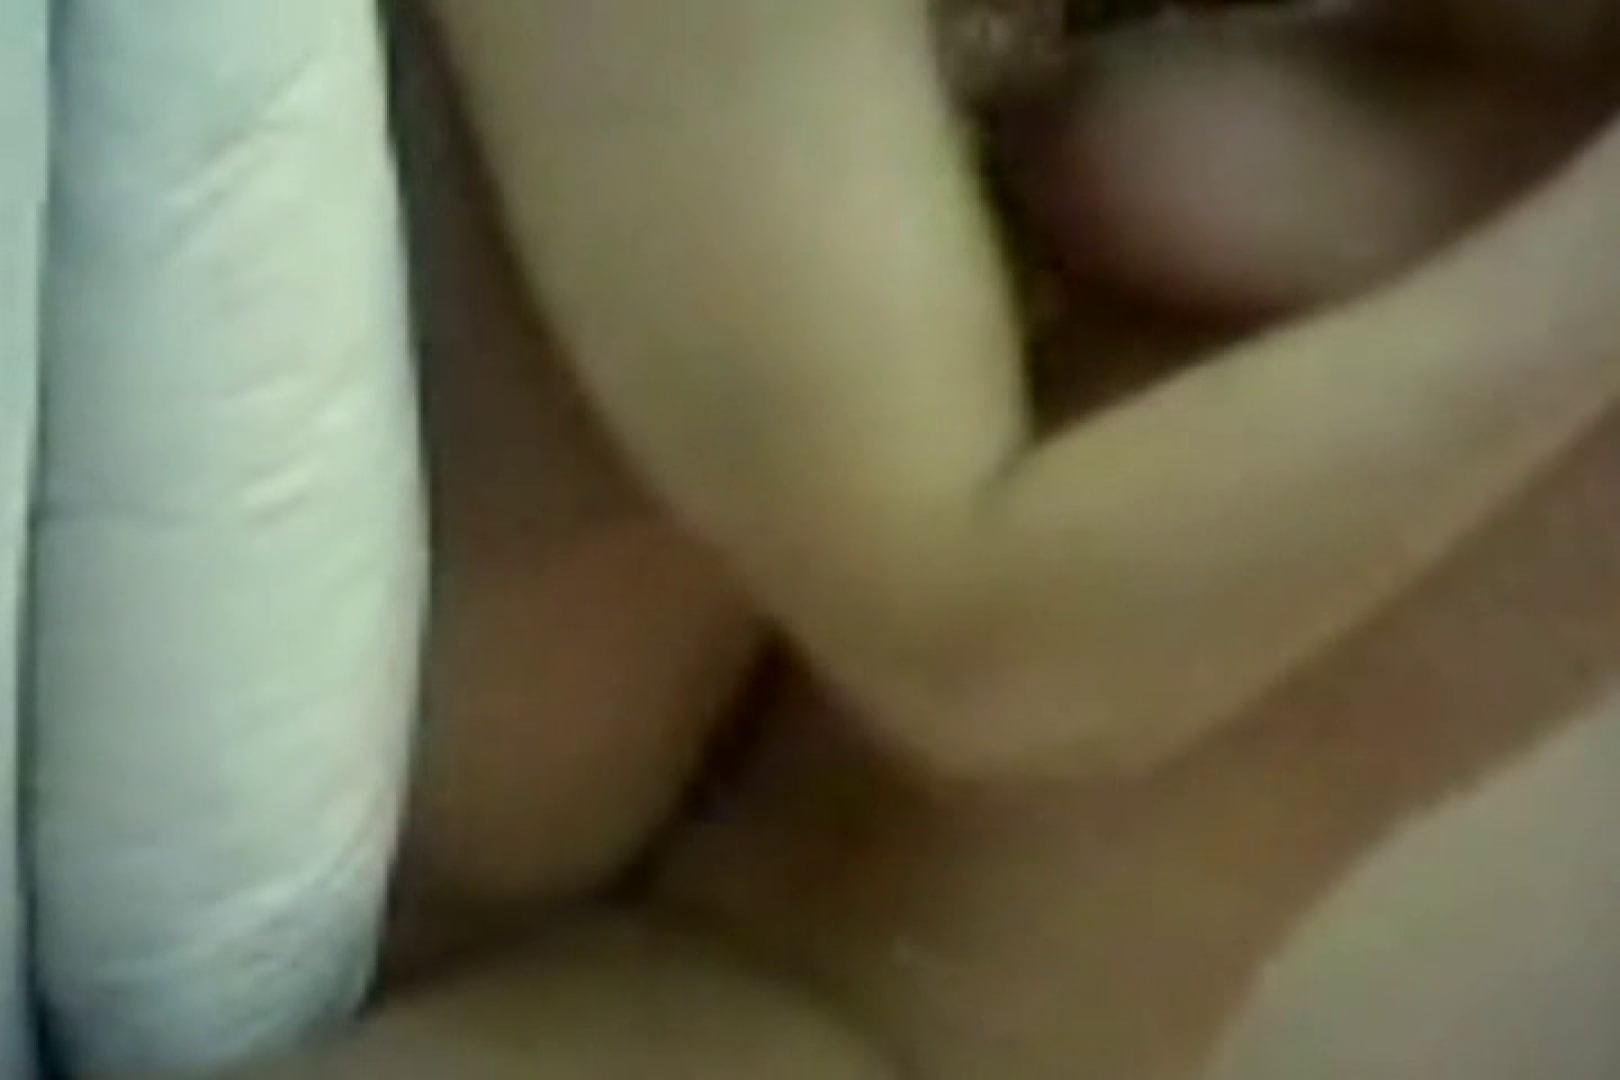 コリアン素人流出シリーズ 美人で巨乳の彼女とハメ撮り おっぱい AV動画キャプチャ 108画像 46